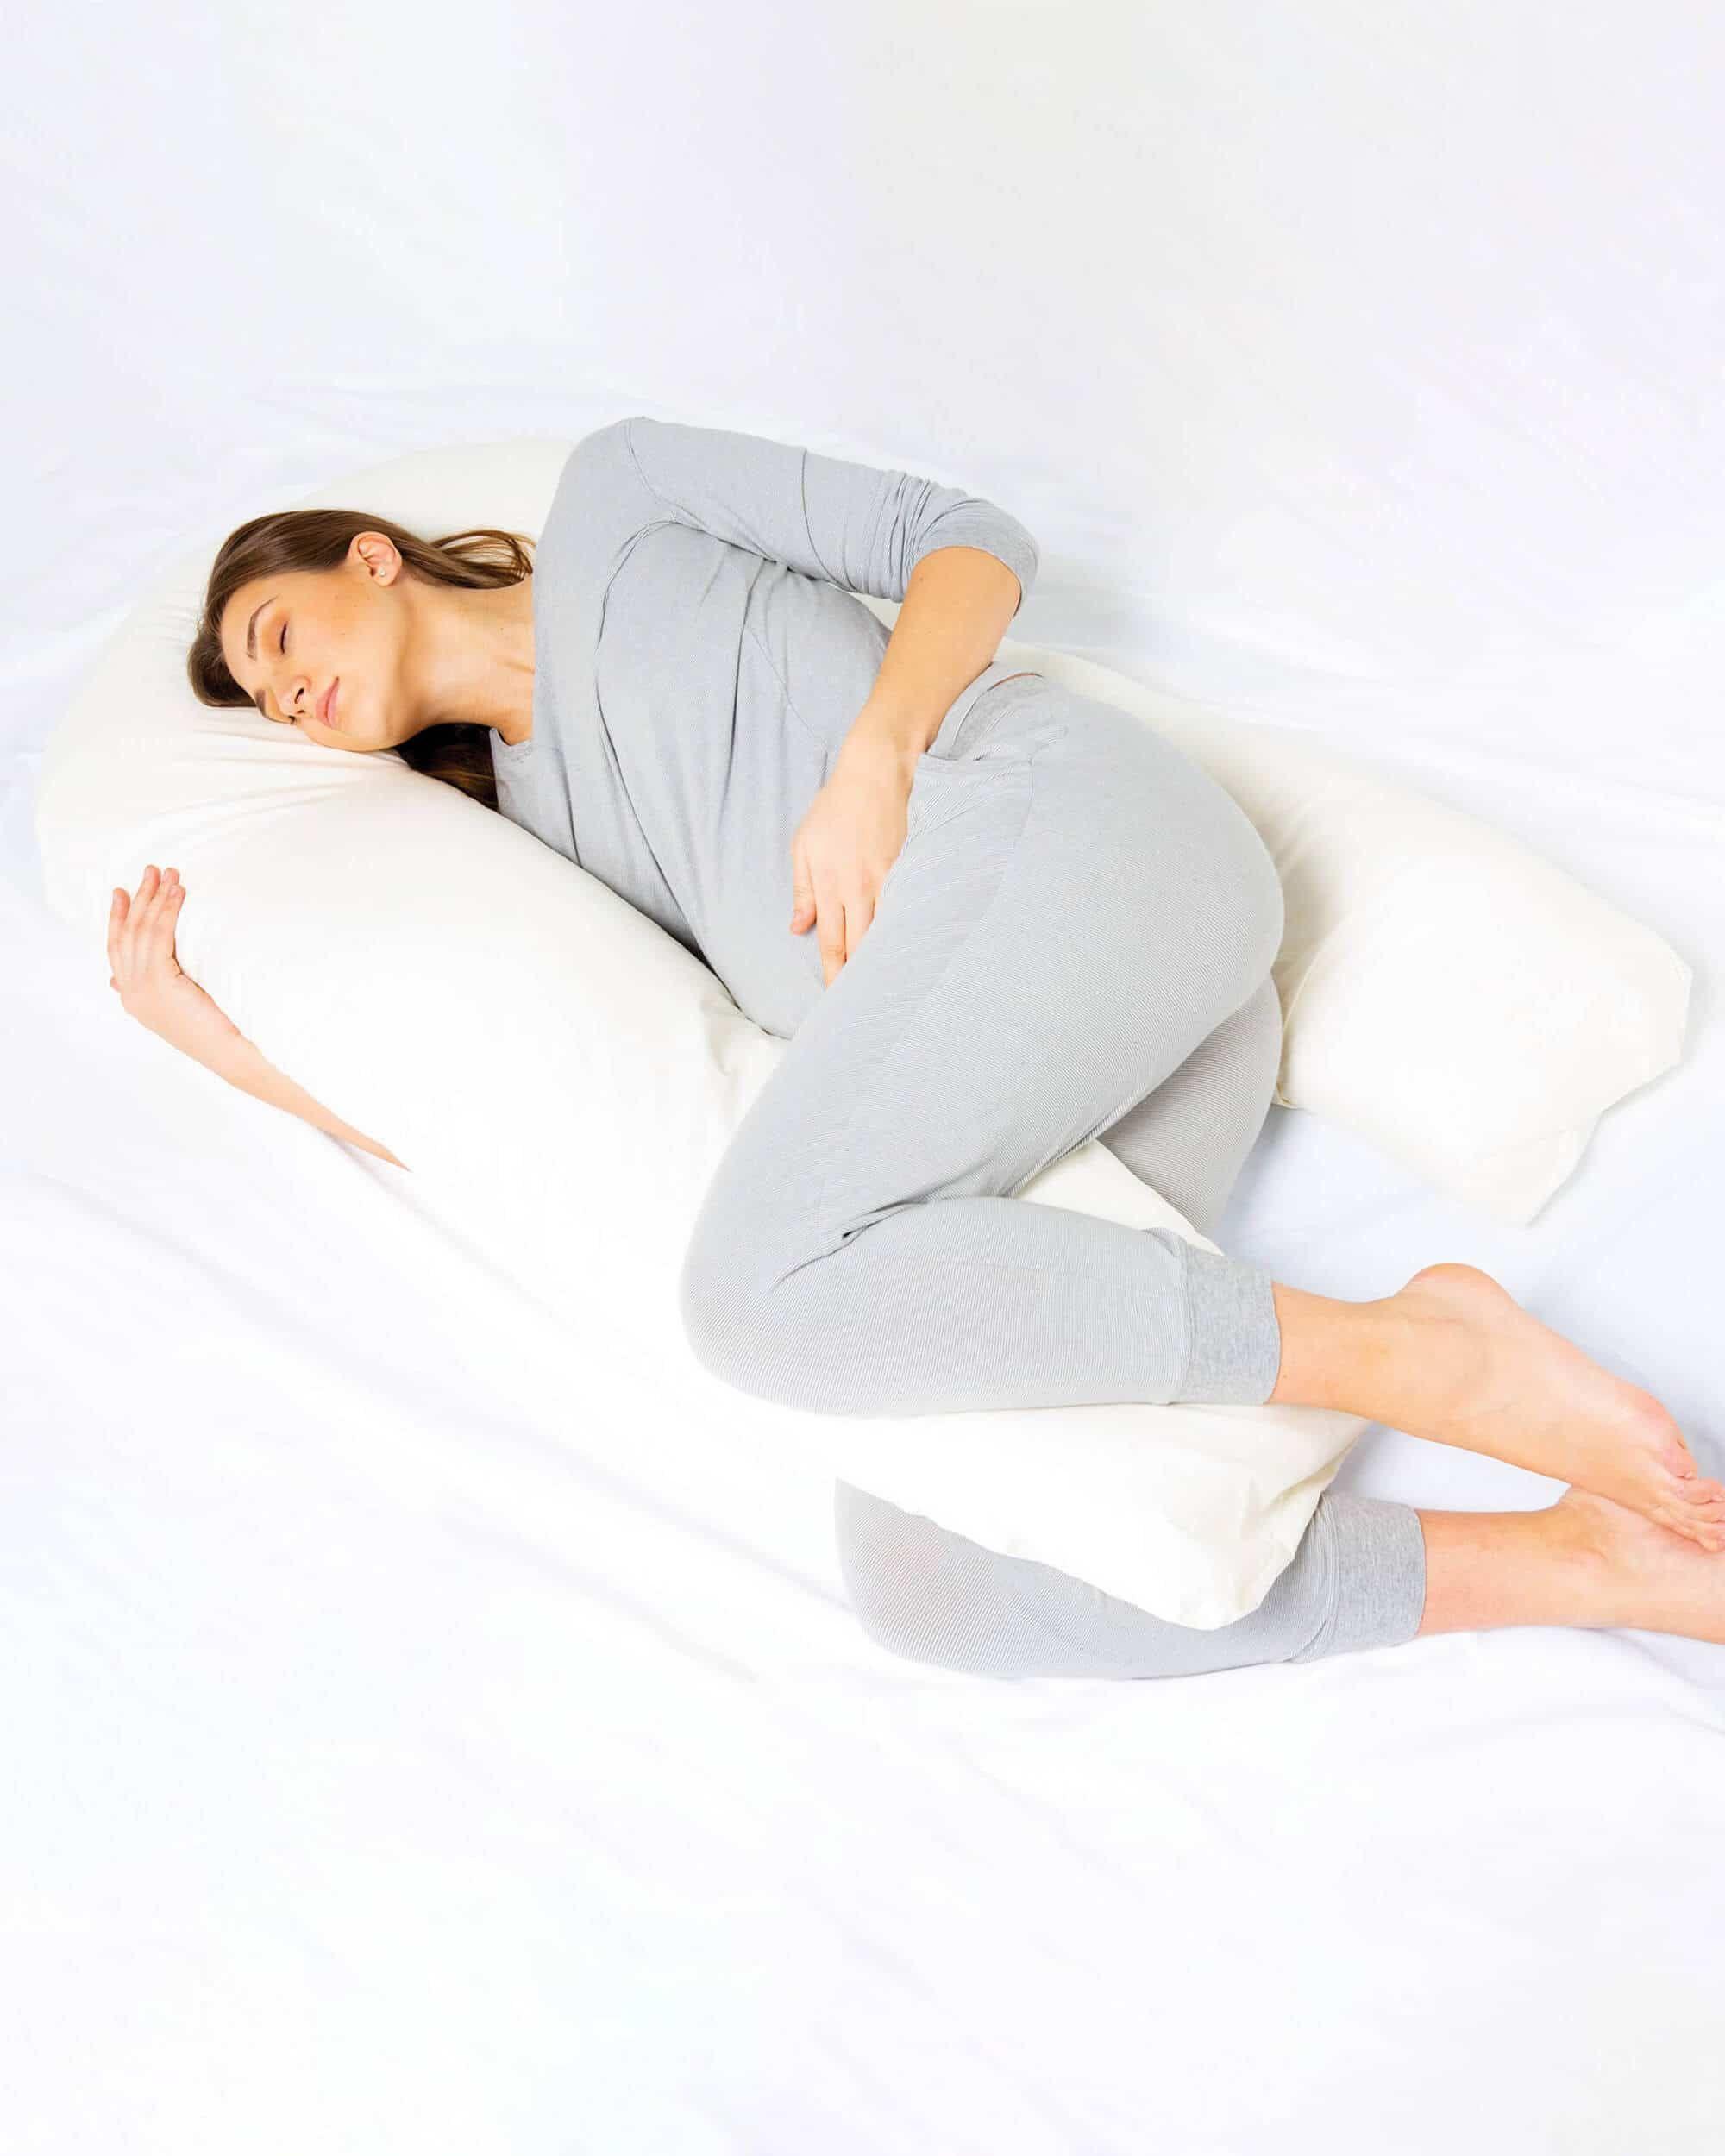 Kally Pregnancy Body Pillow | Bizziebaby